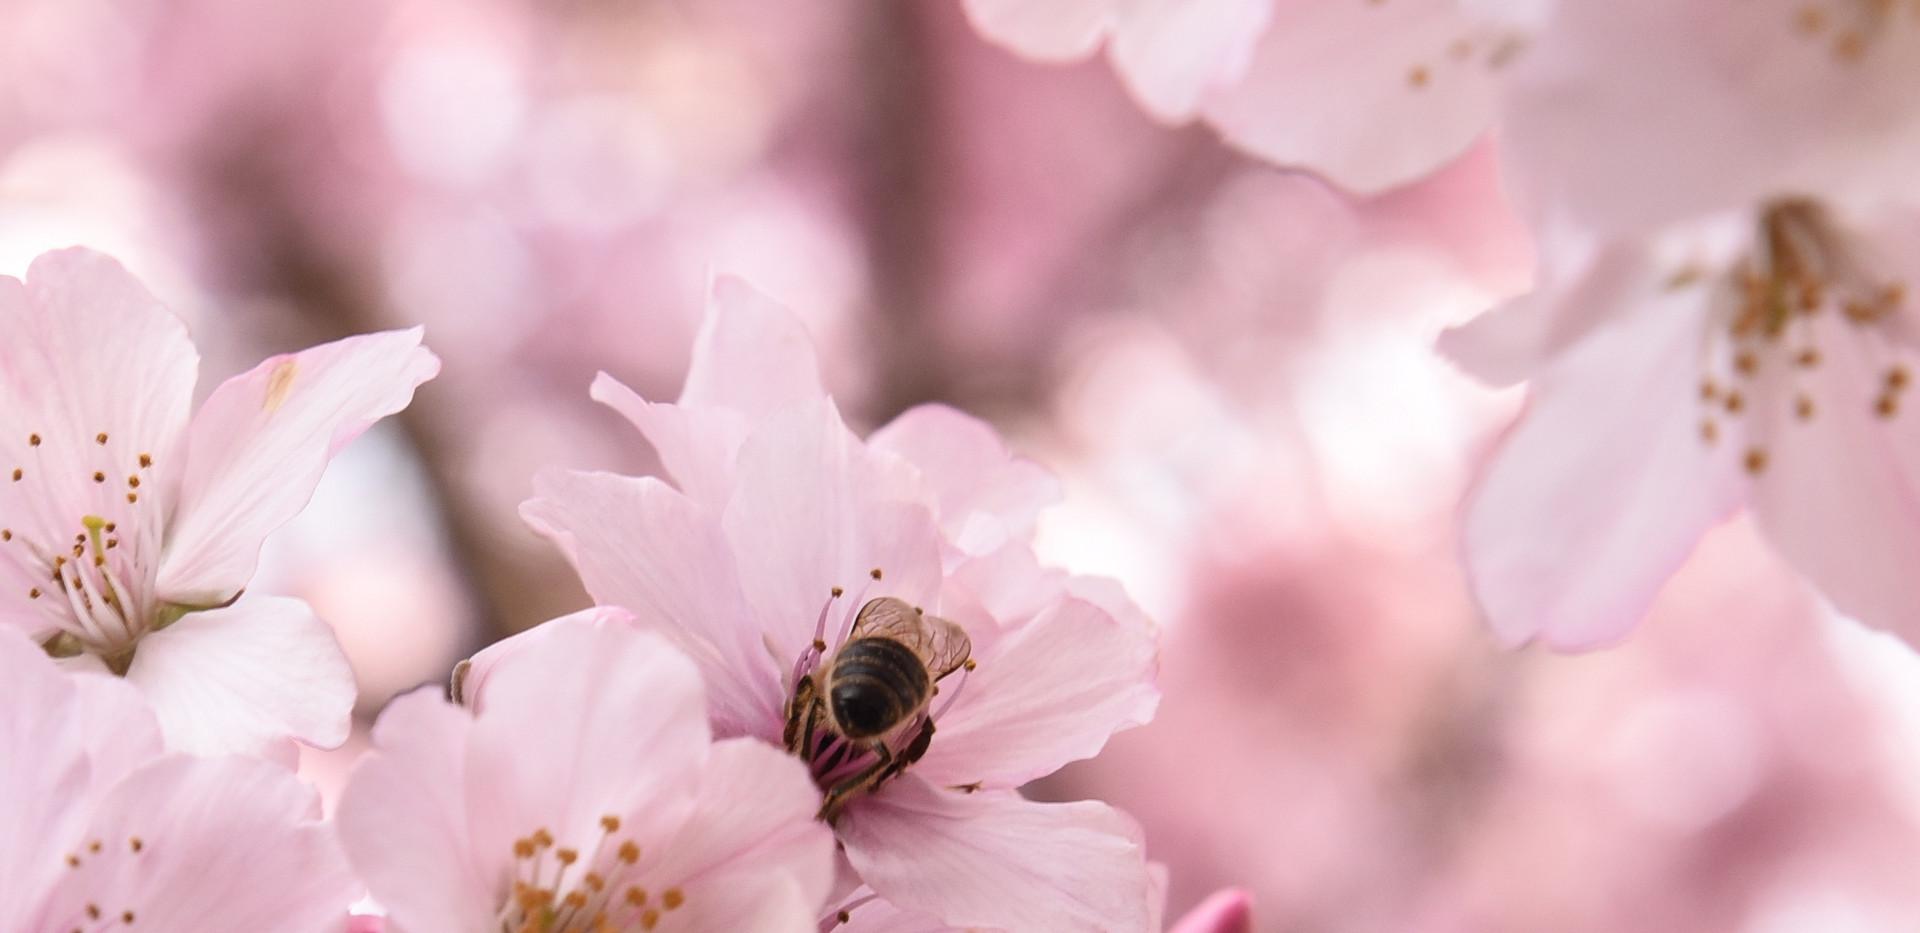 Bumblebee Booty